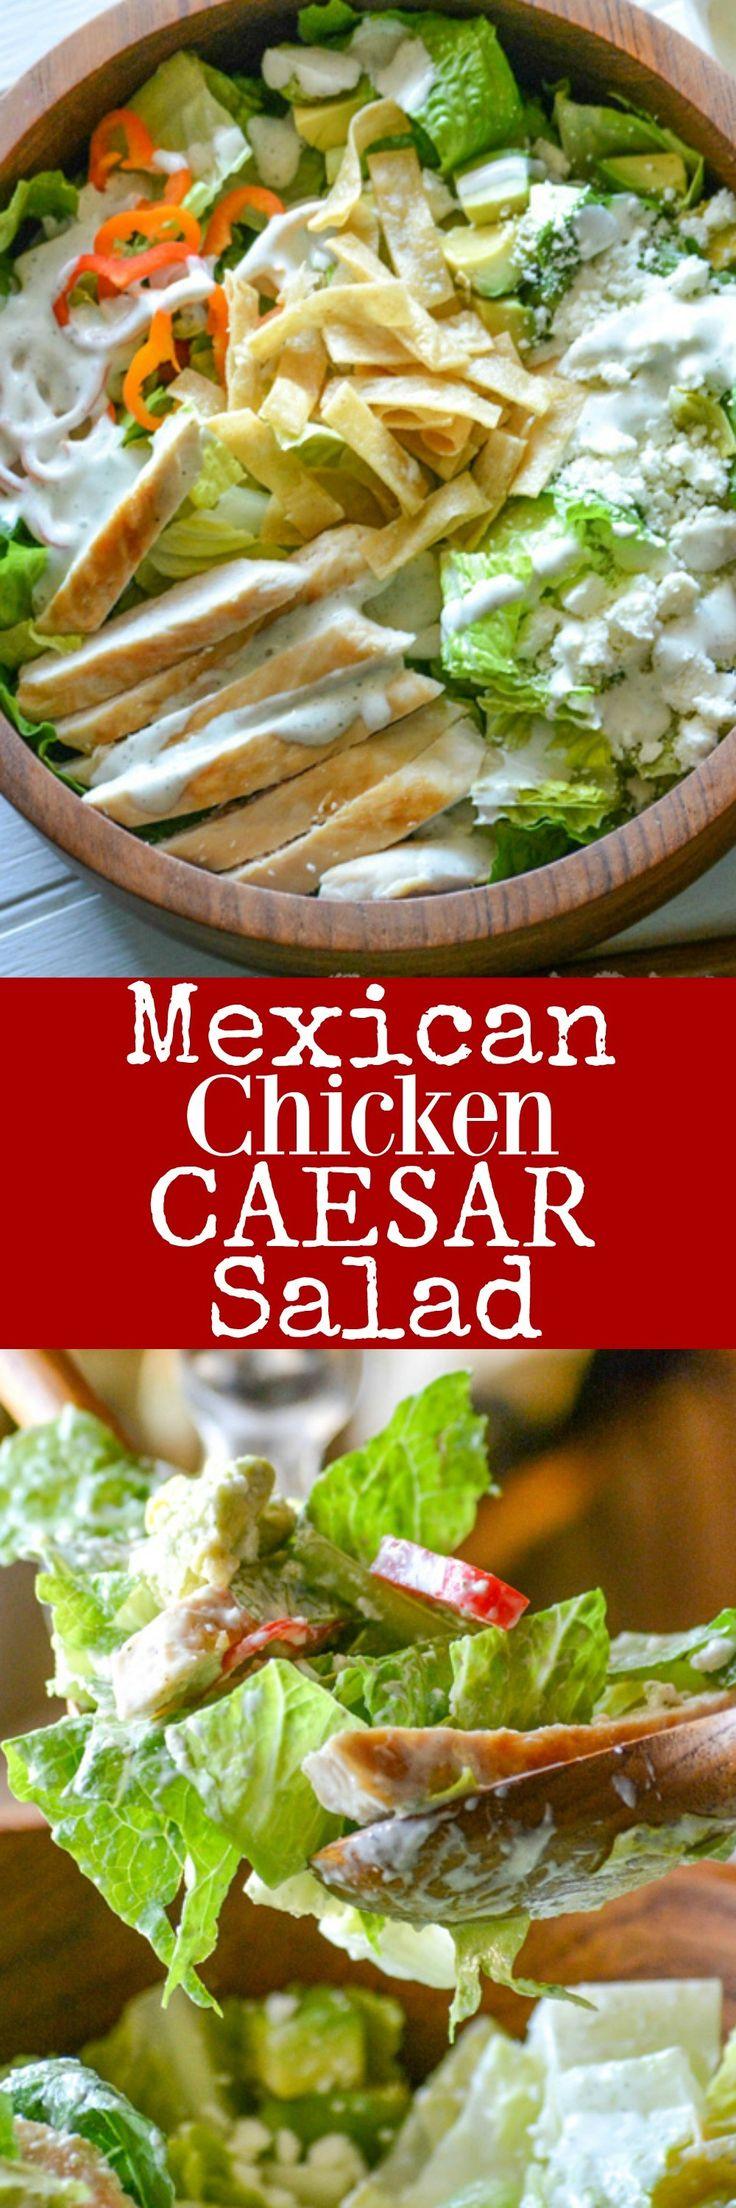 Recette minceur cette salade c sar mexicaine au poulet - Recette salade cesar au poulet grille ...